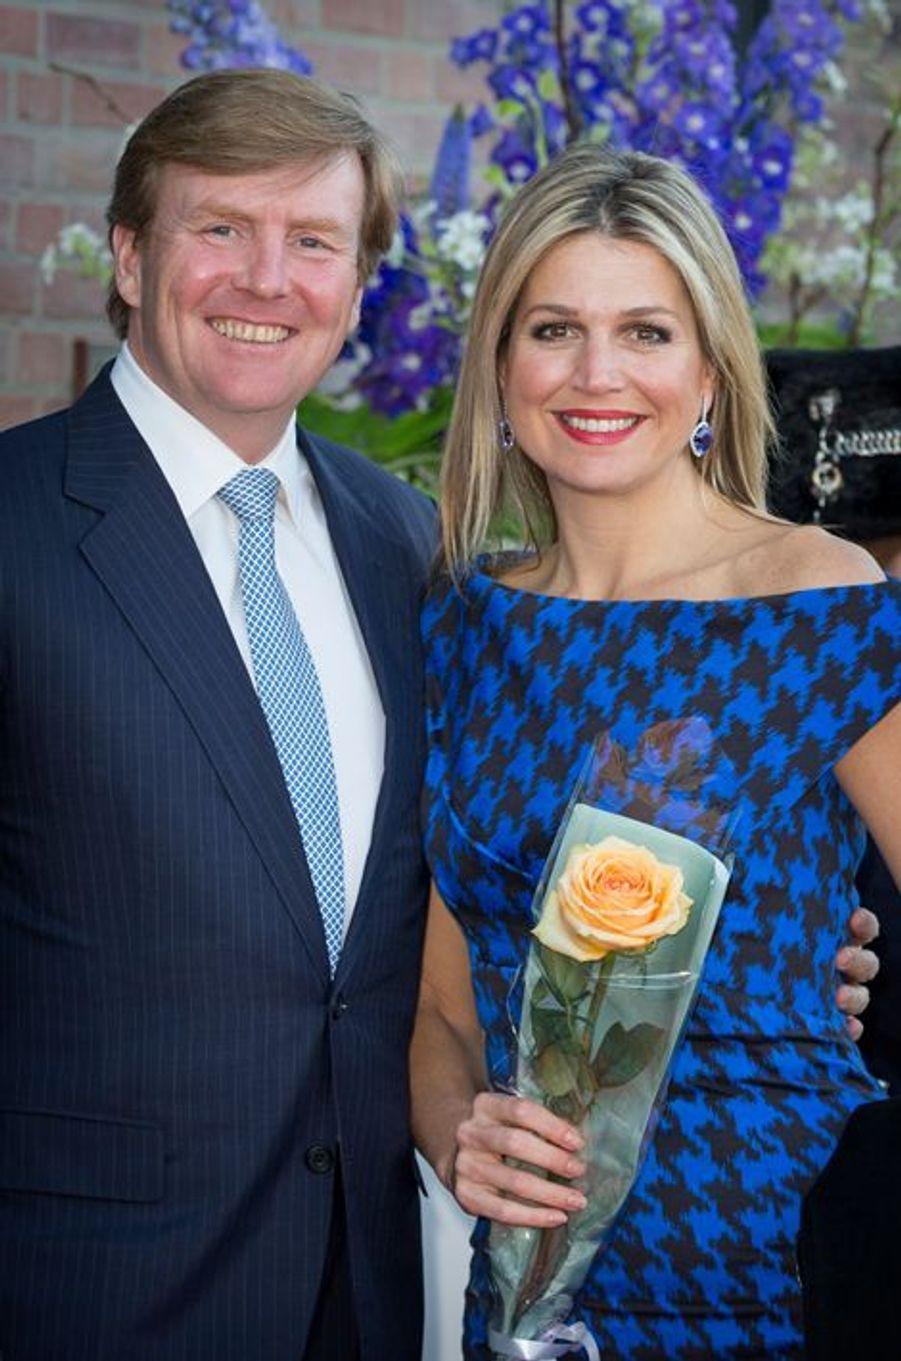 Le roi Willem-Alexander et la reine Maxima des Pays-Bas à Dordrecht, le 14 avril 2015